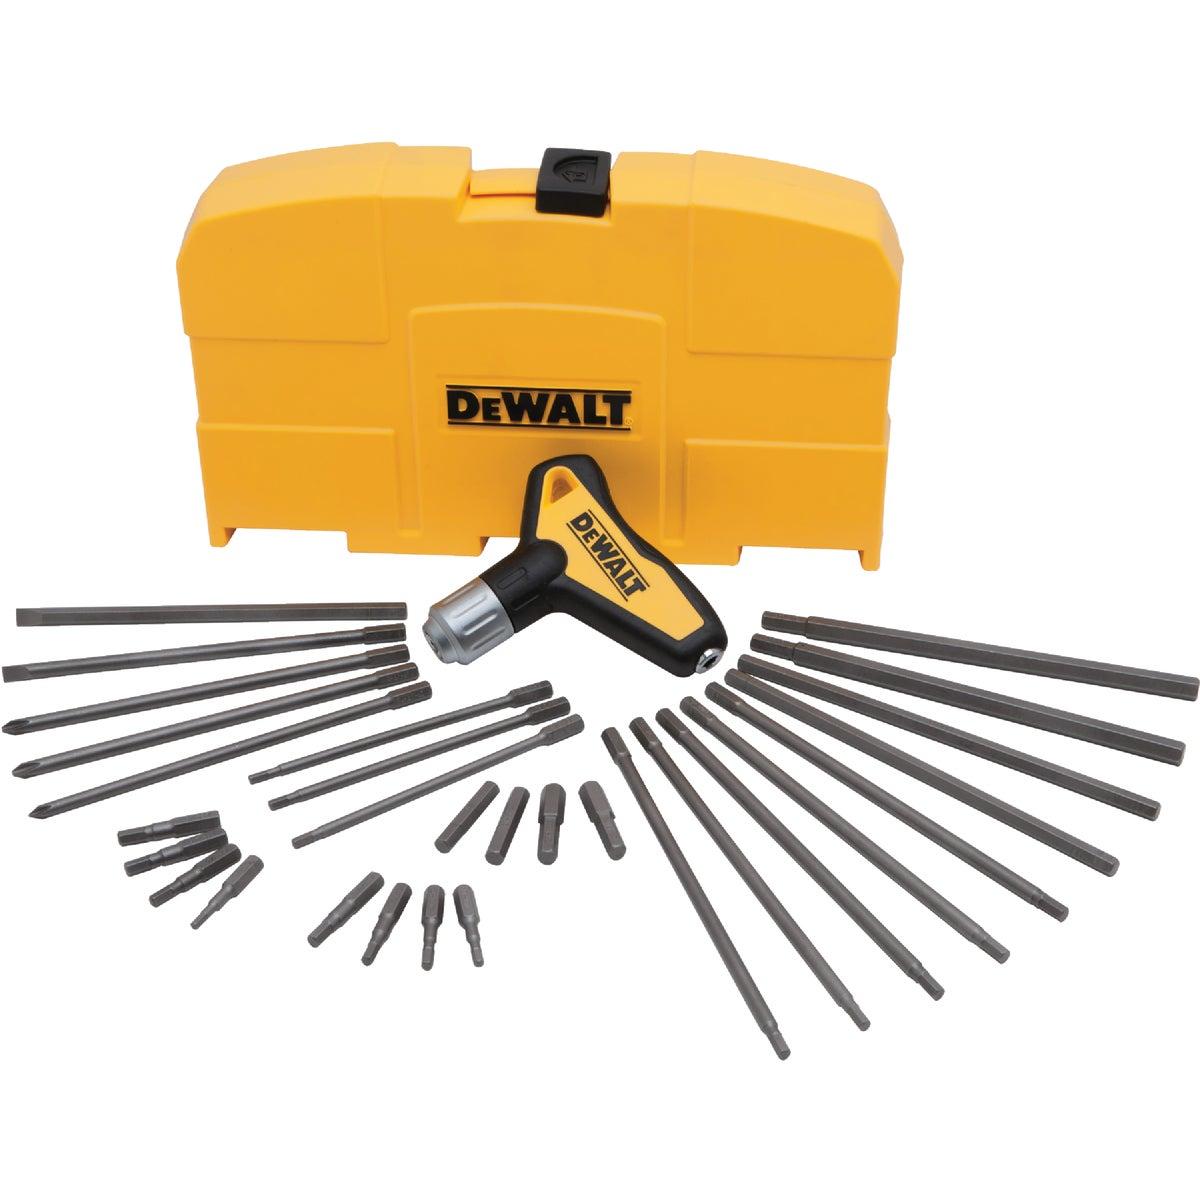 DeWalt 31-Piece Ratcheting T-Handle Hex Key Set